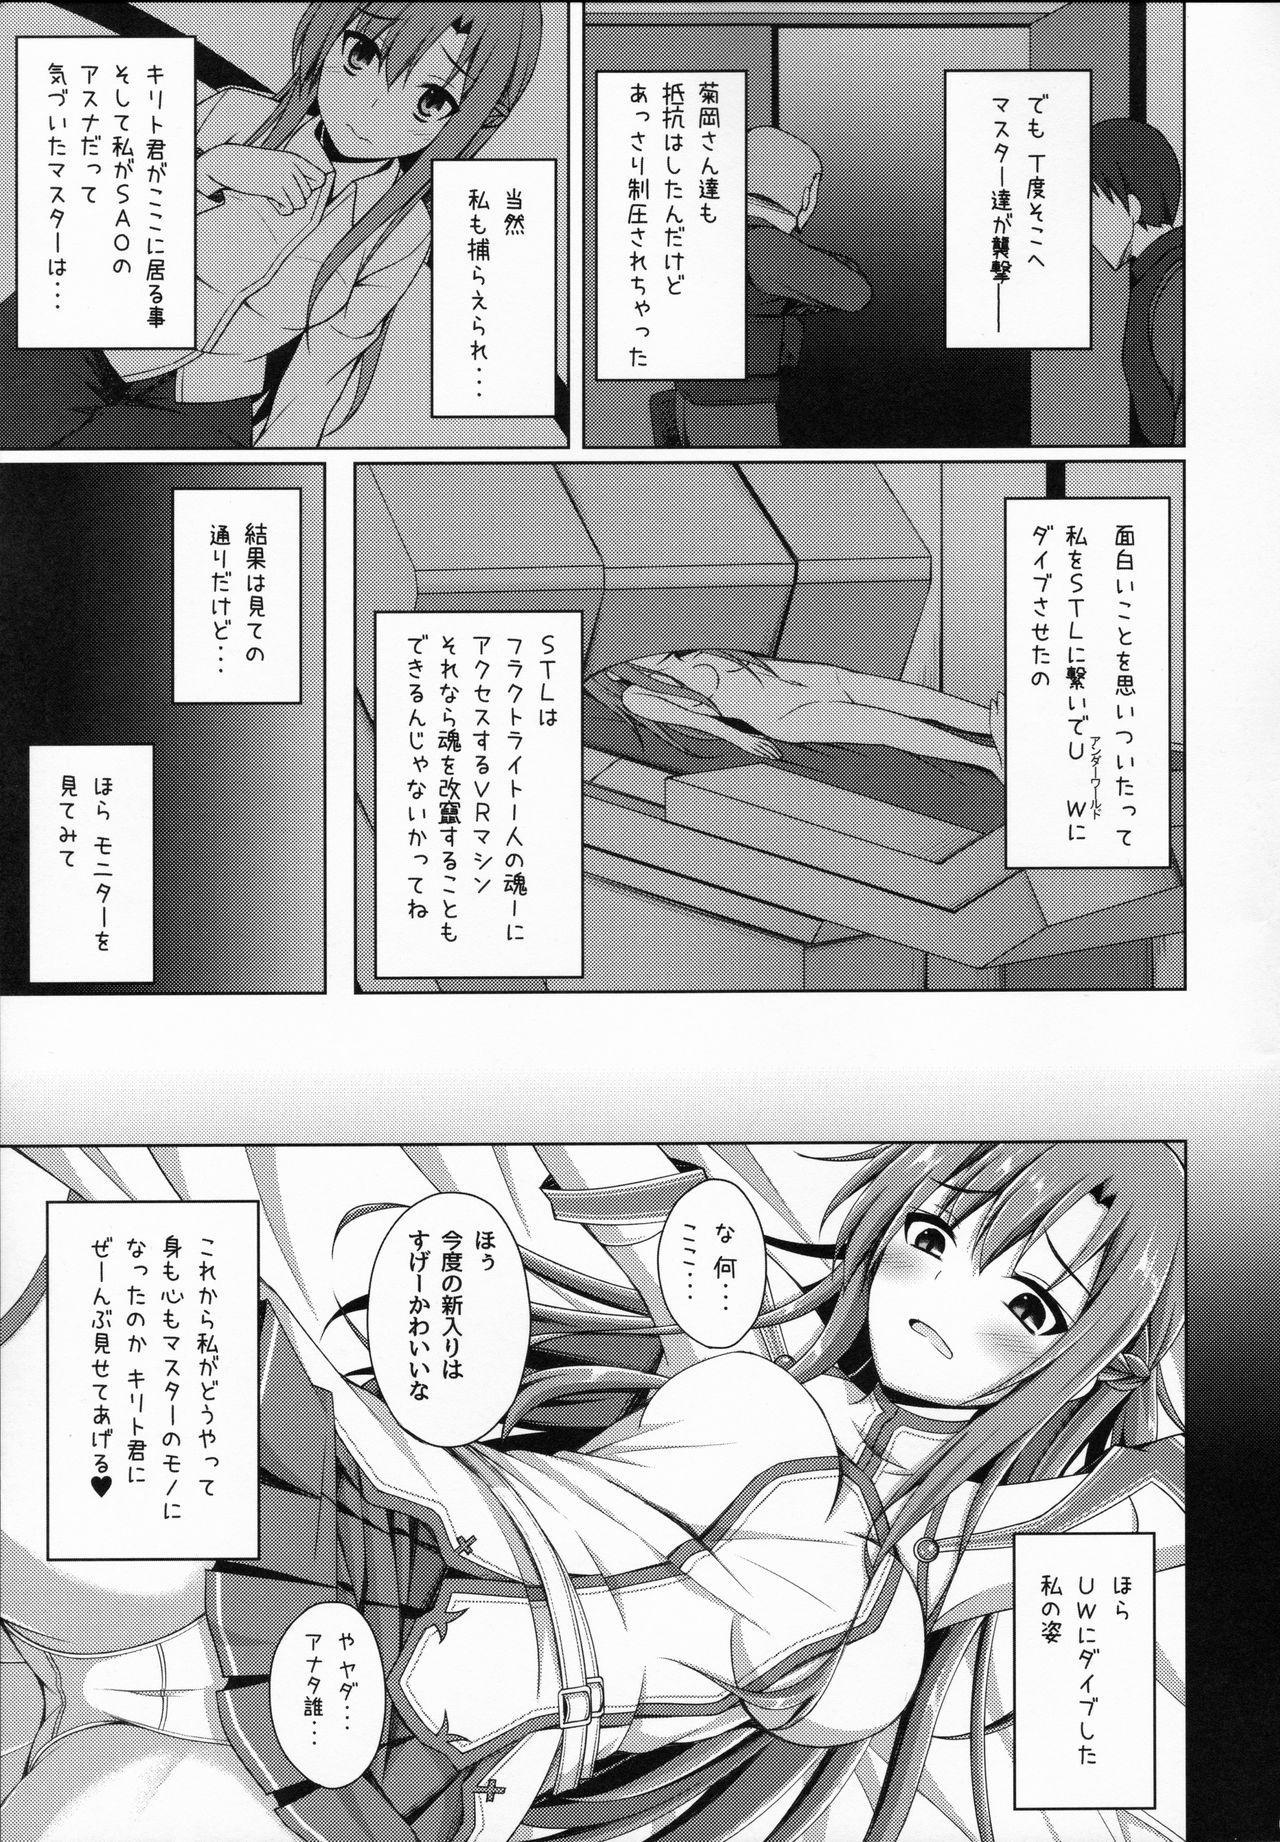 Ore no Ai shita Kanojo wa mou Inai... 3